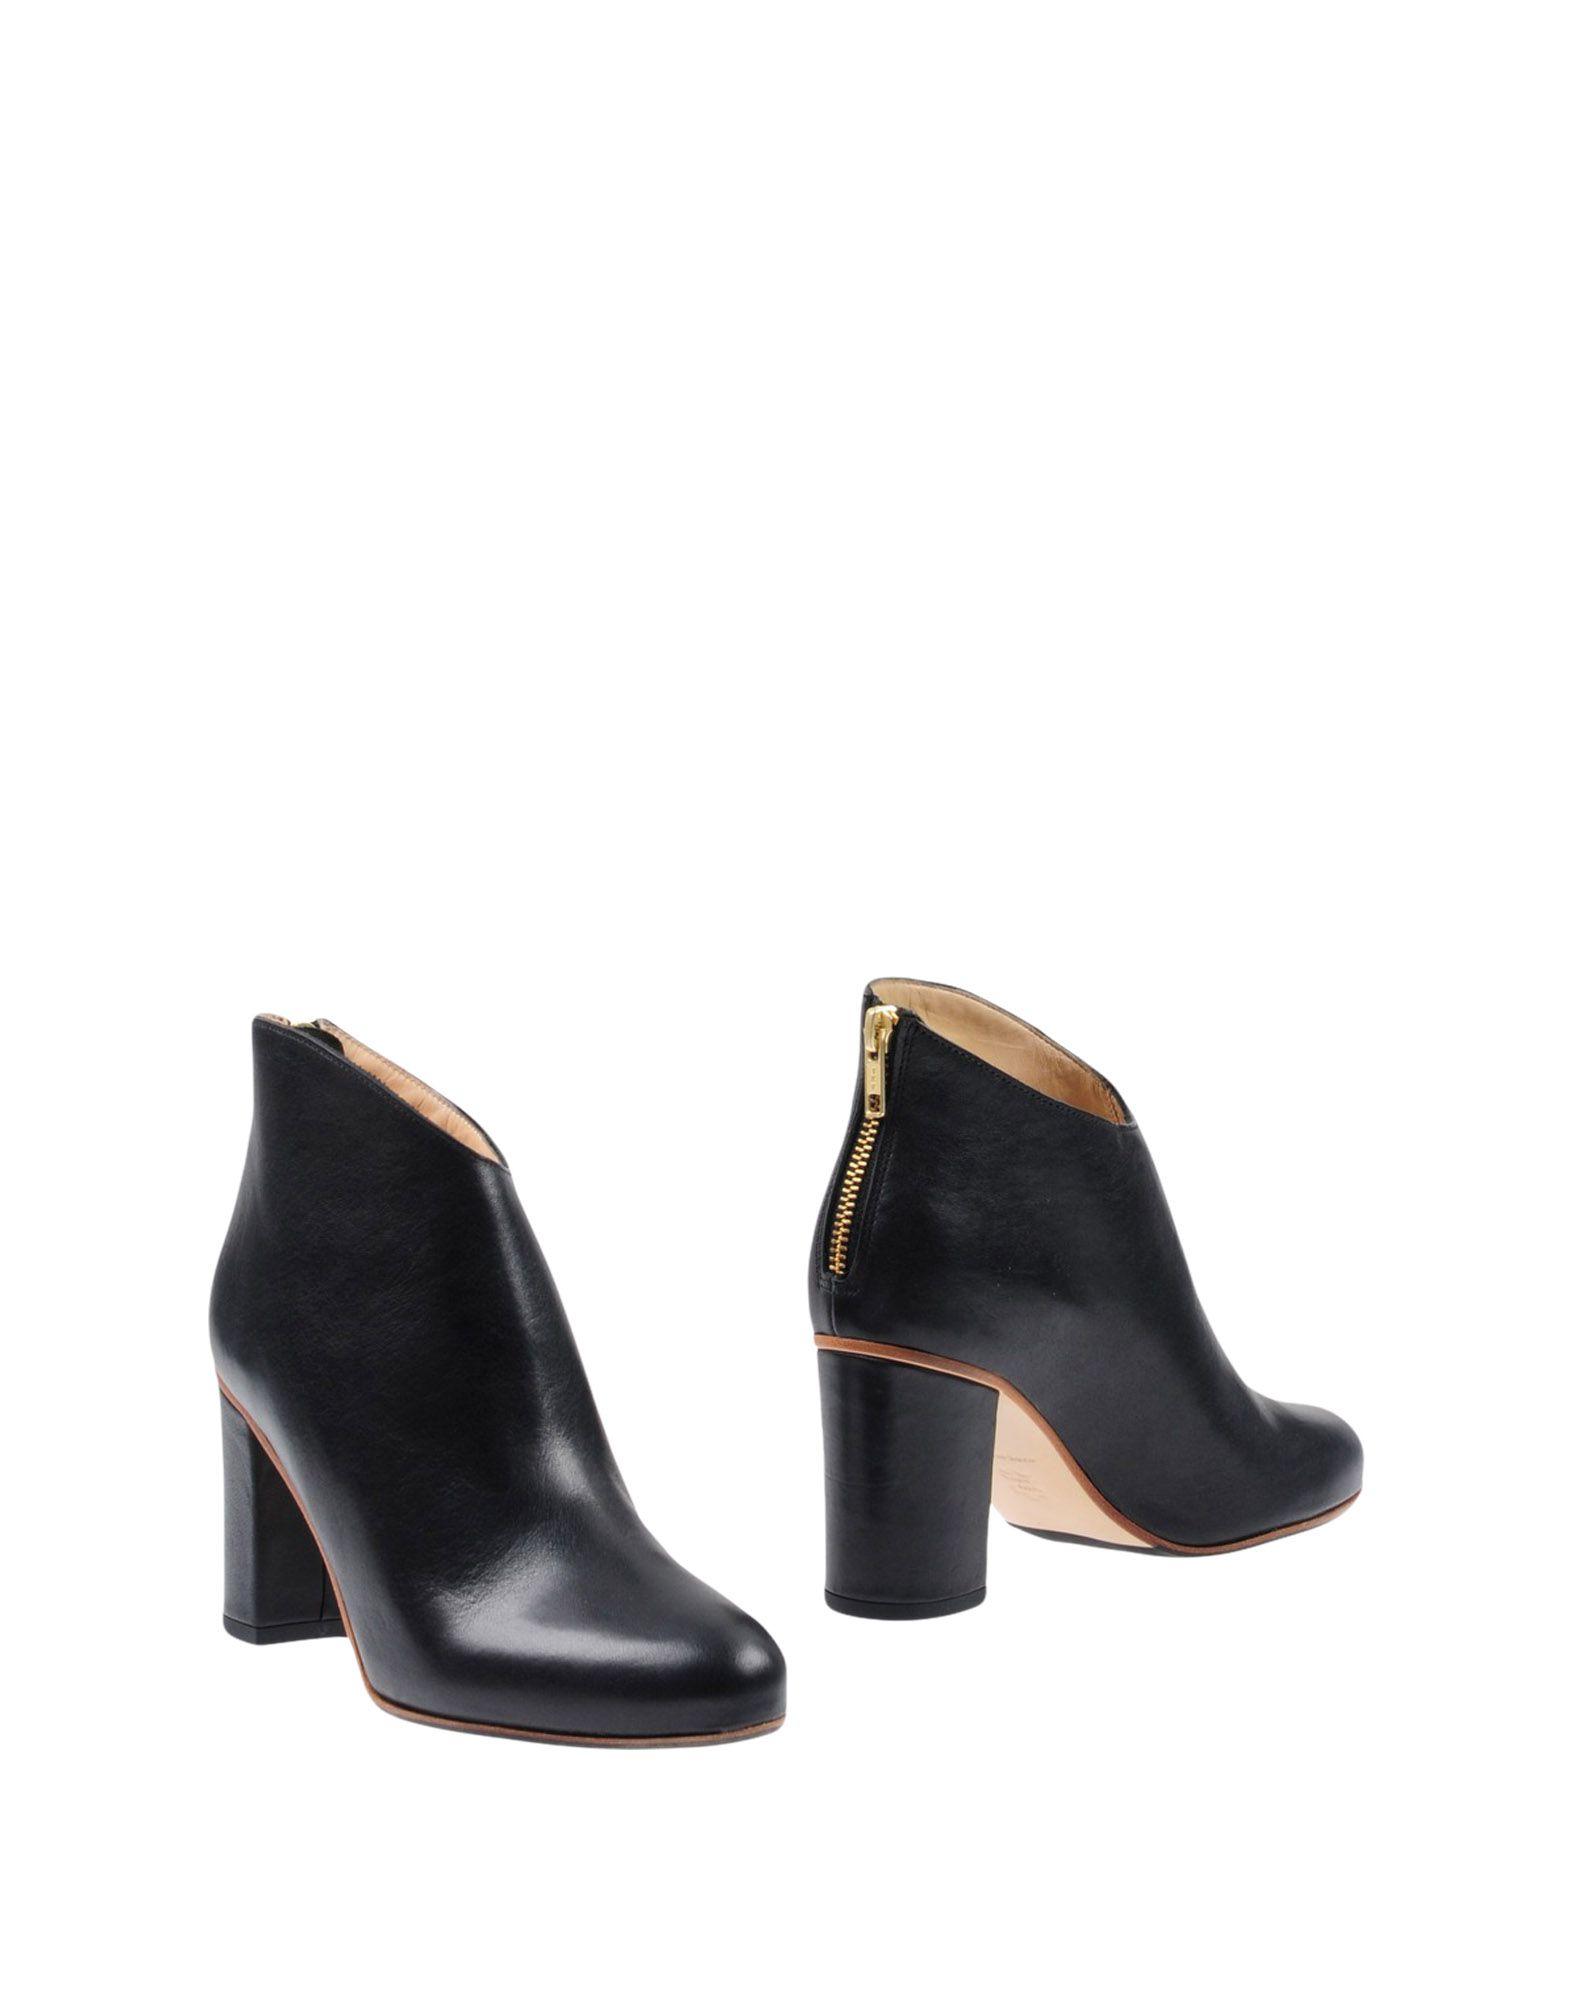 Rabatt Schuhe Atp Atelier Stiefelette Damen  11436663LM